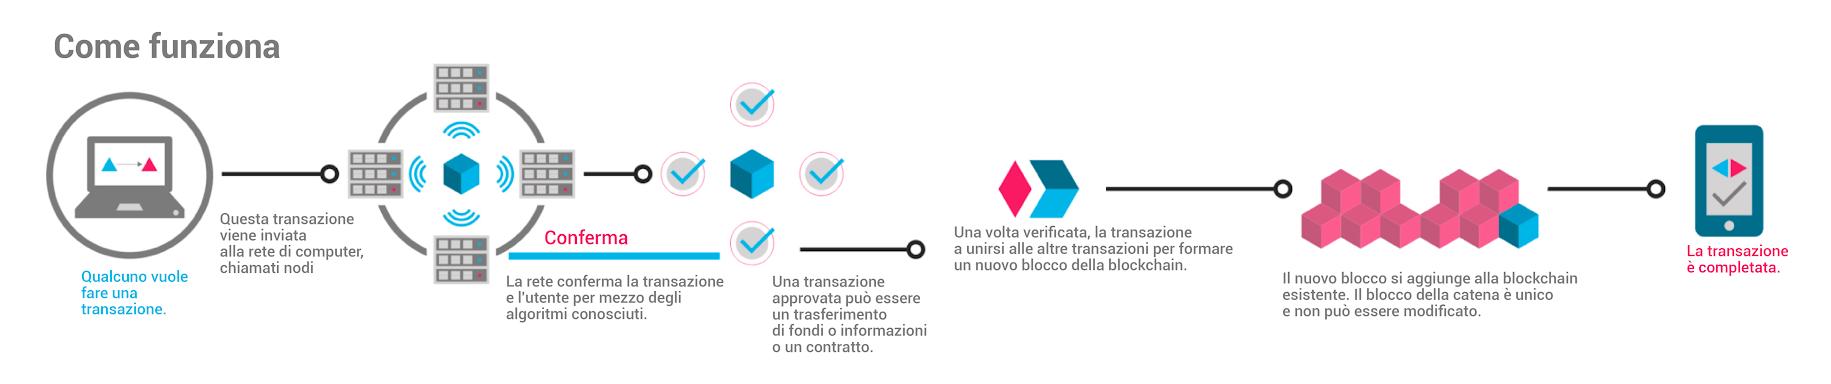 blockchain_comefunziona